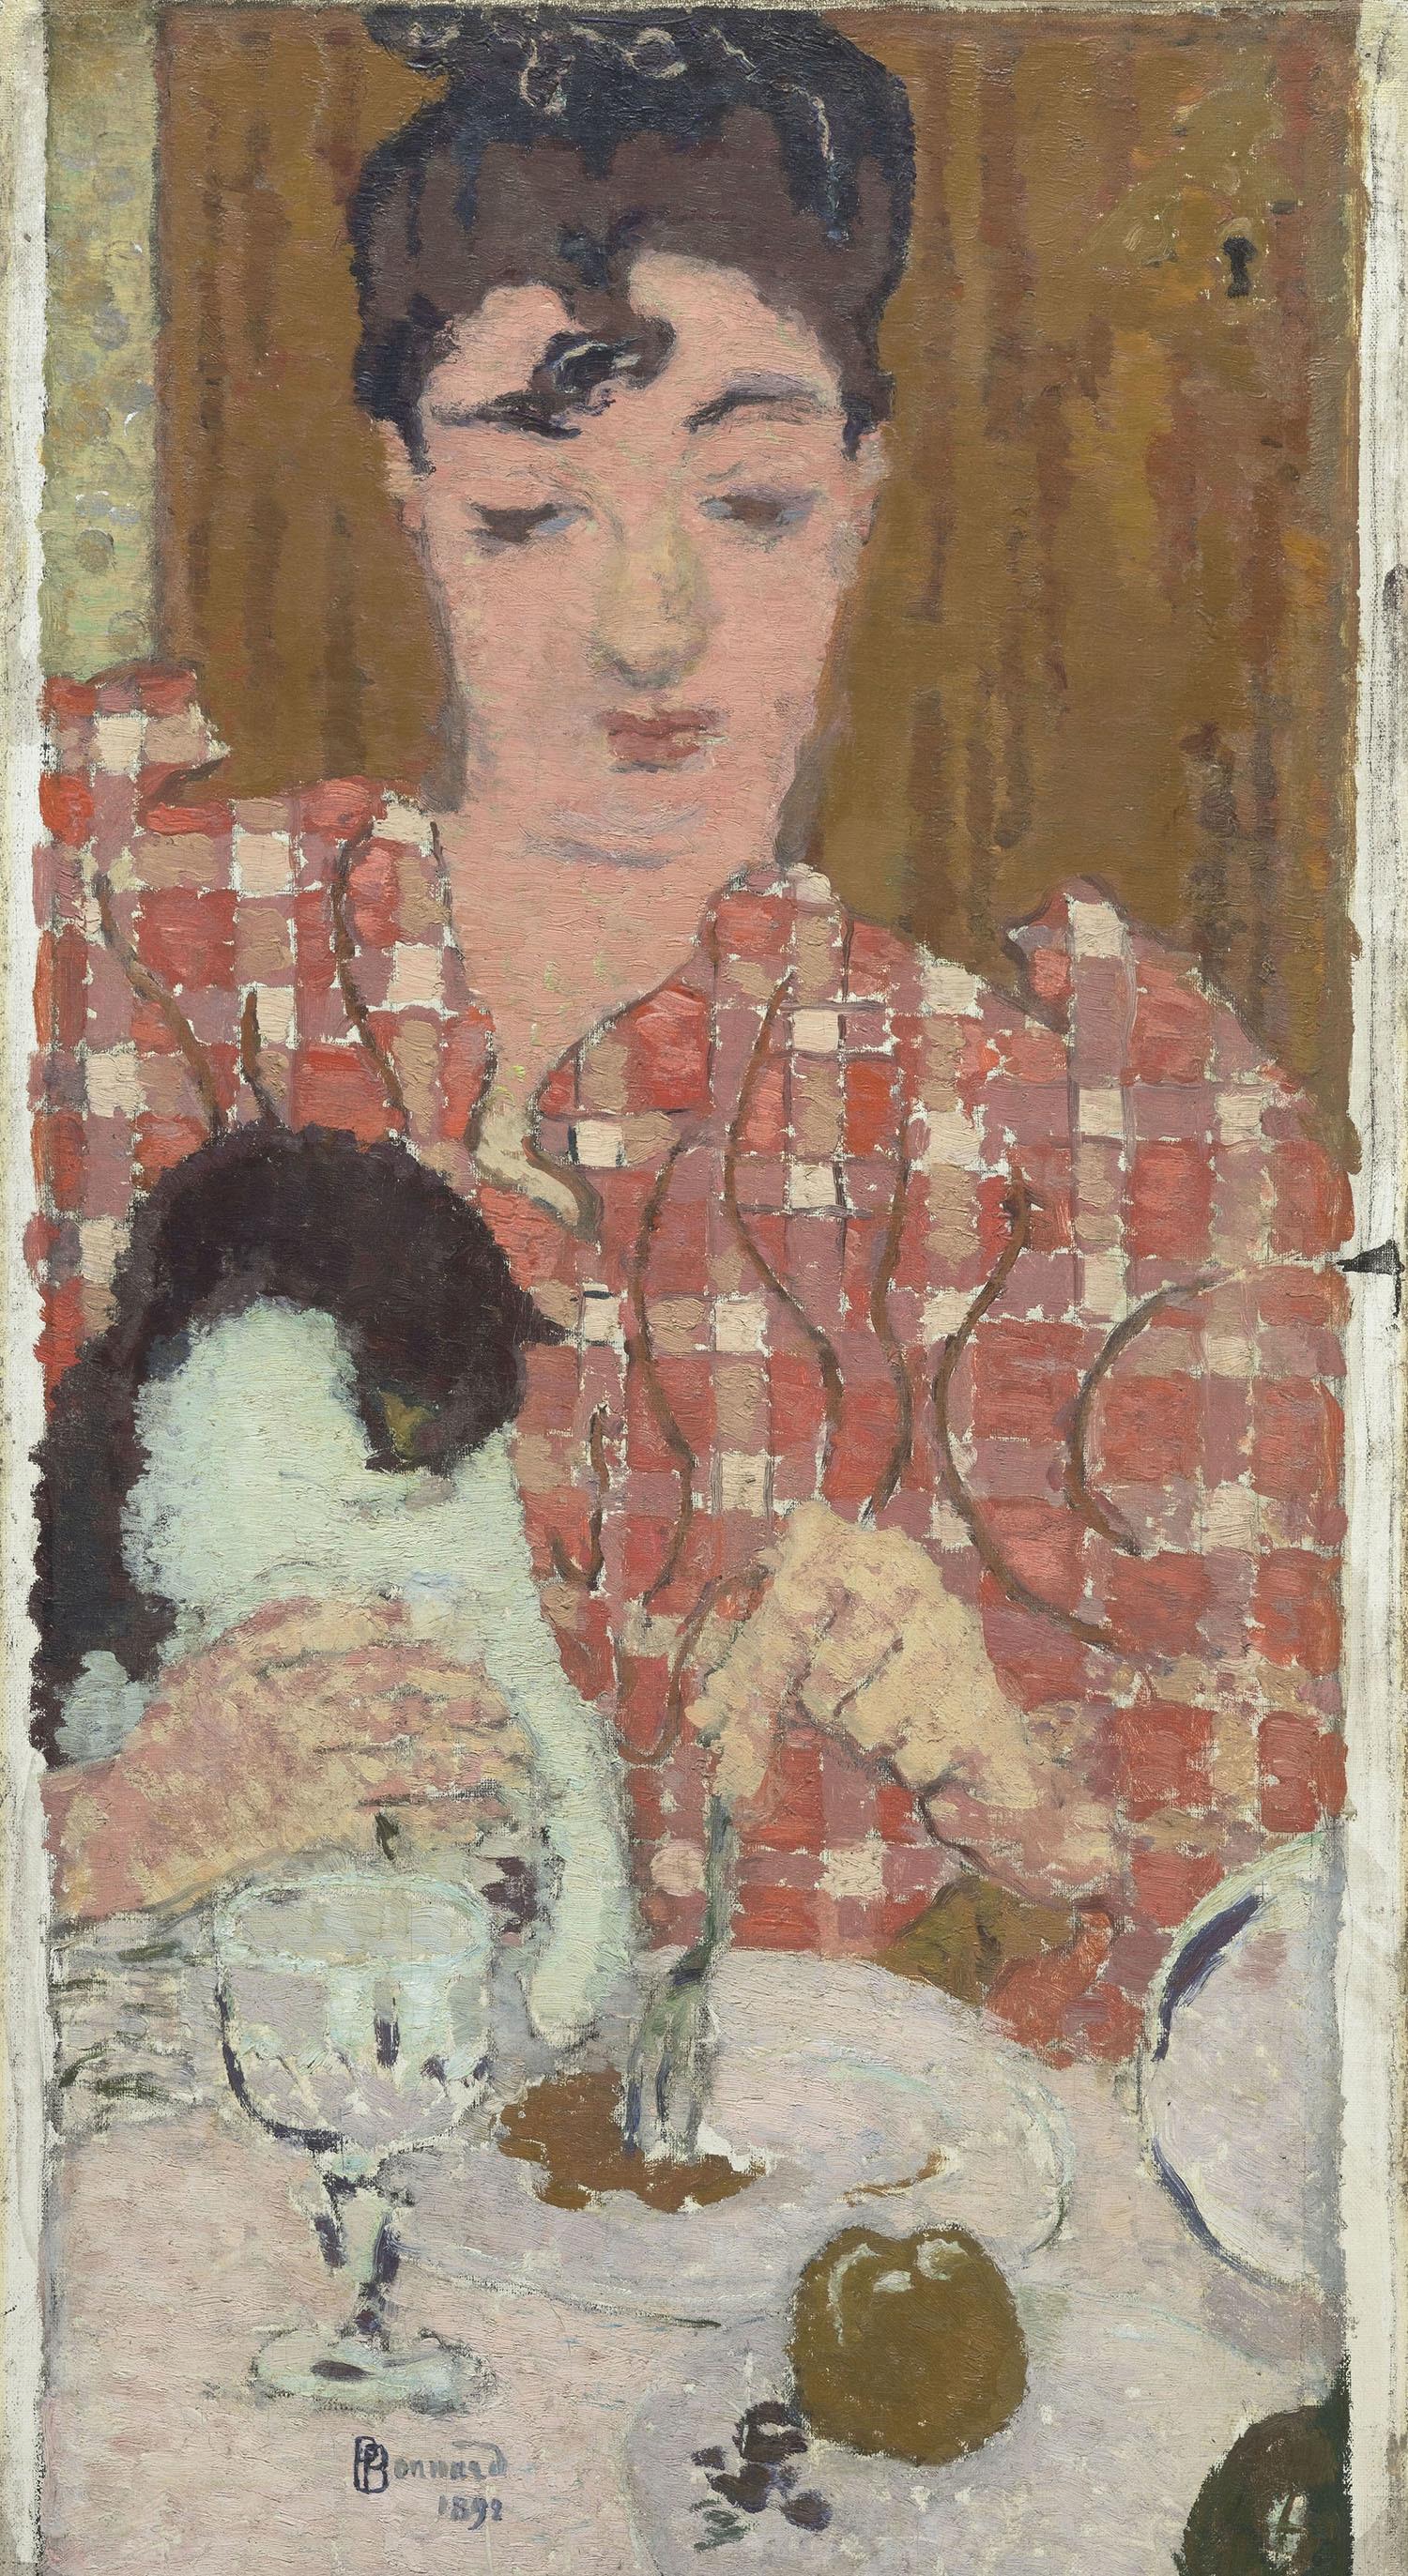 ピエール・ボナール 《格子柄のブラウス》 1892年 油彩/カンヴァス © RMN-Grand Palais (musée d'Orsay) / Hervé Lewandowski / distributed by AMF